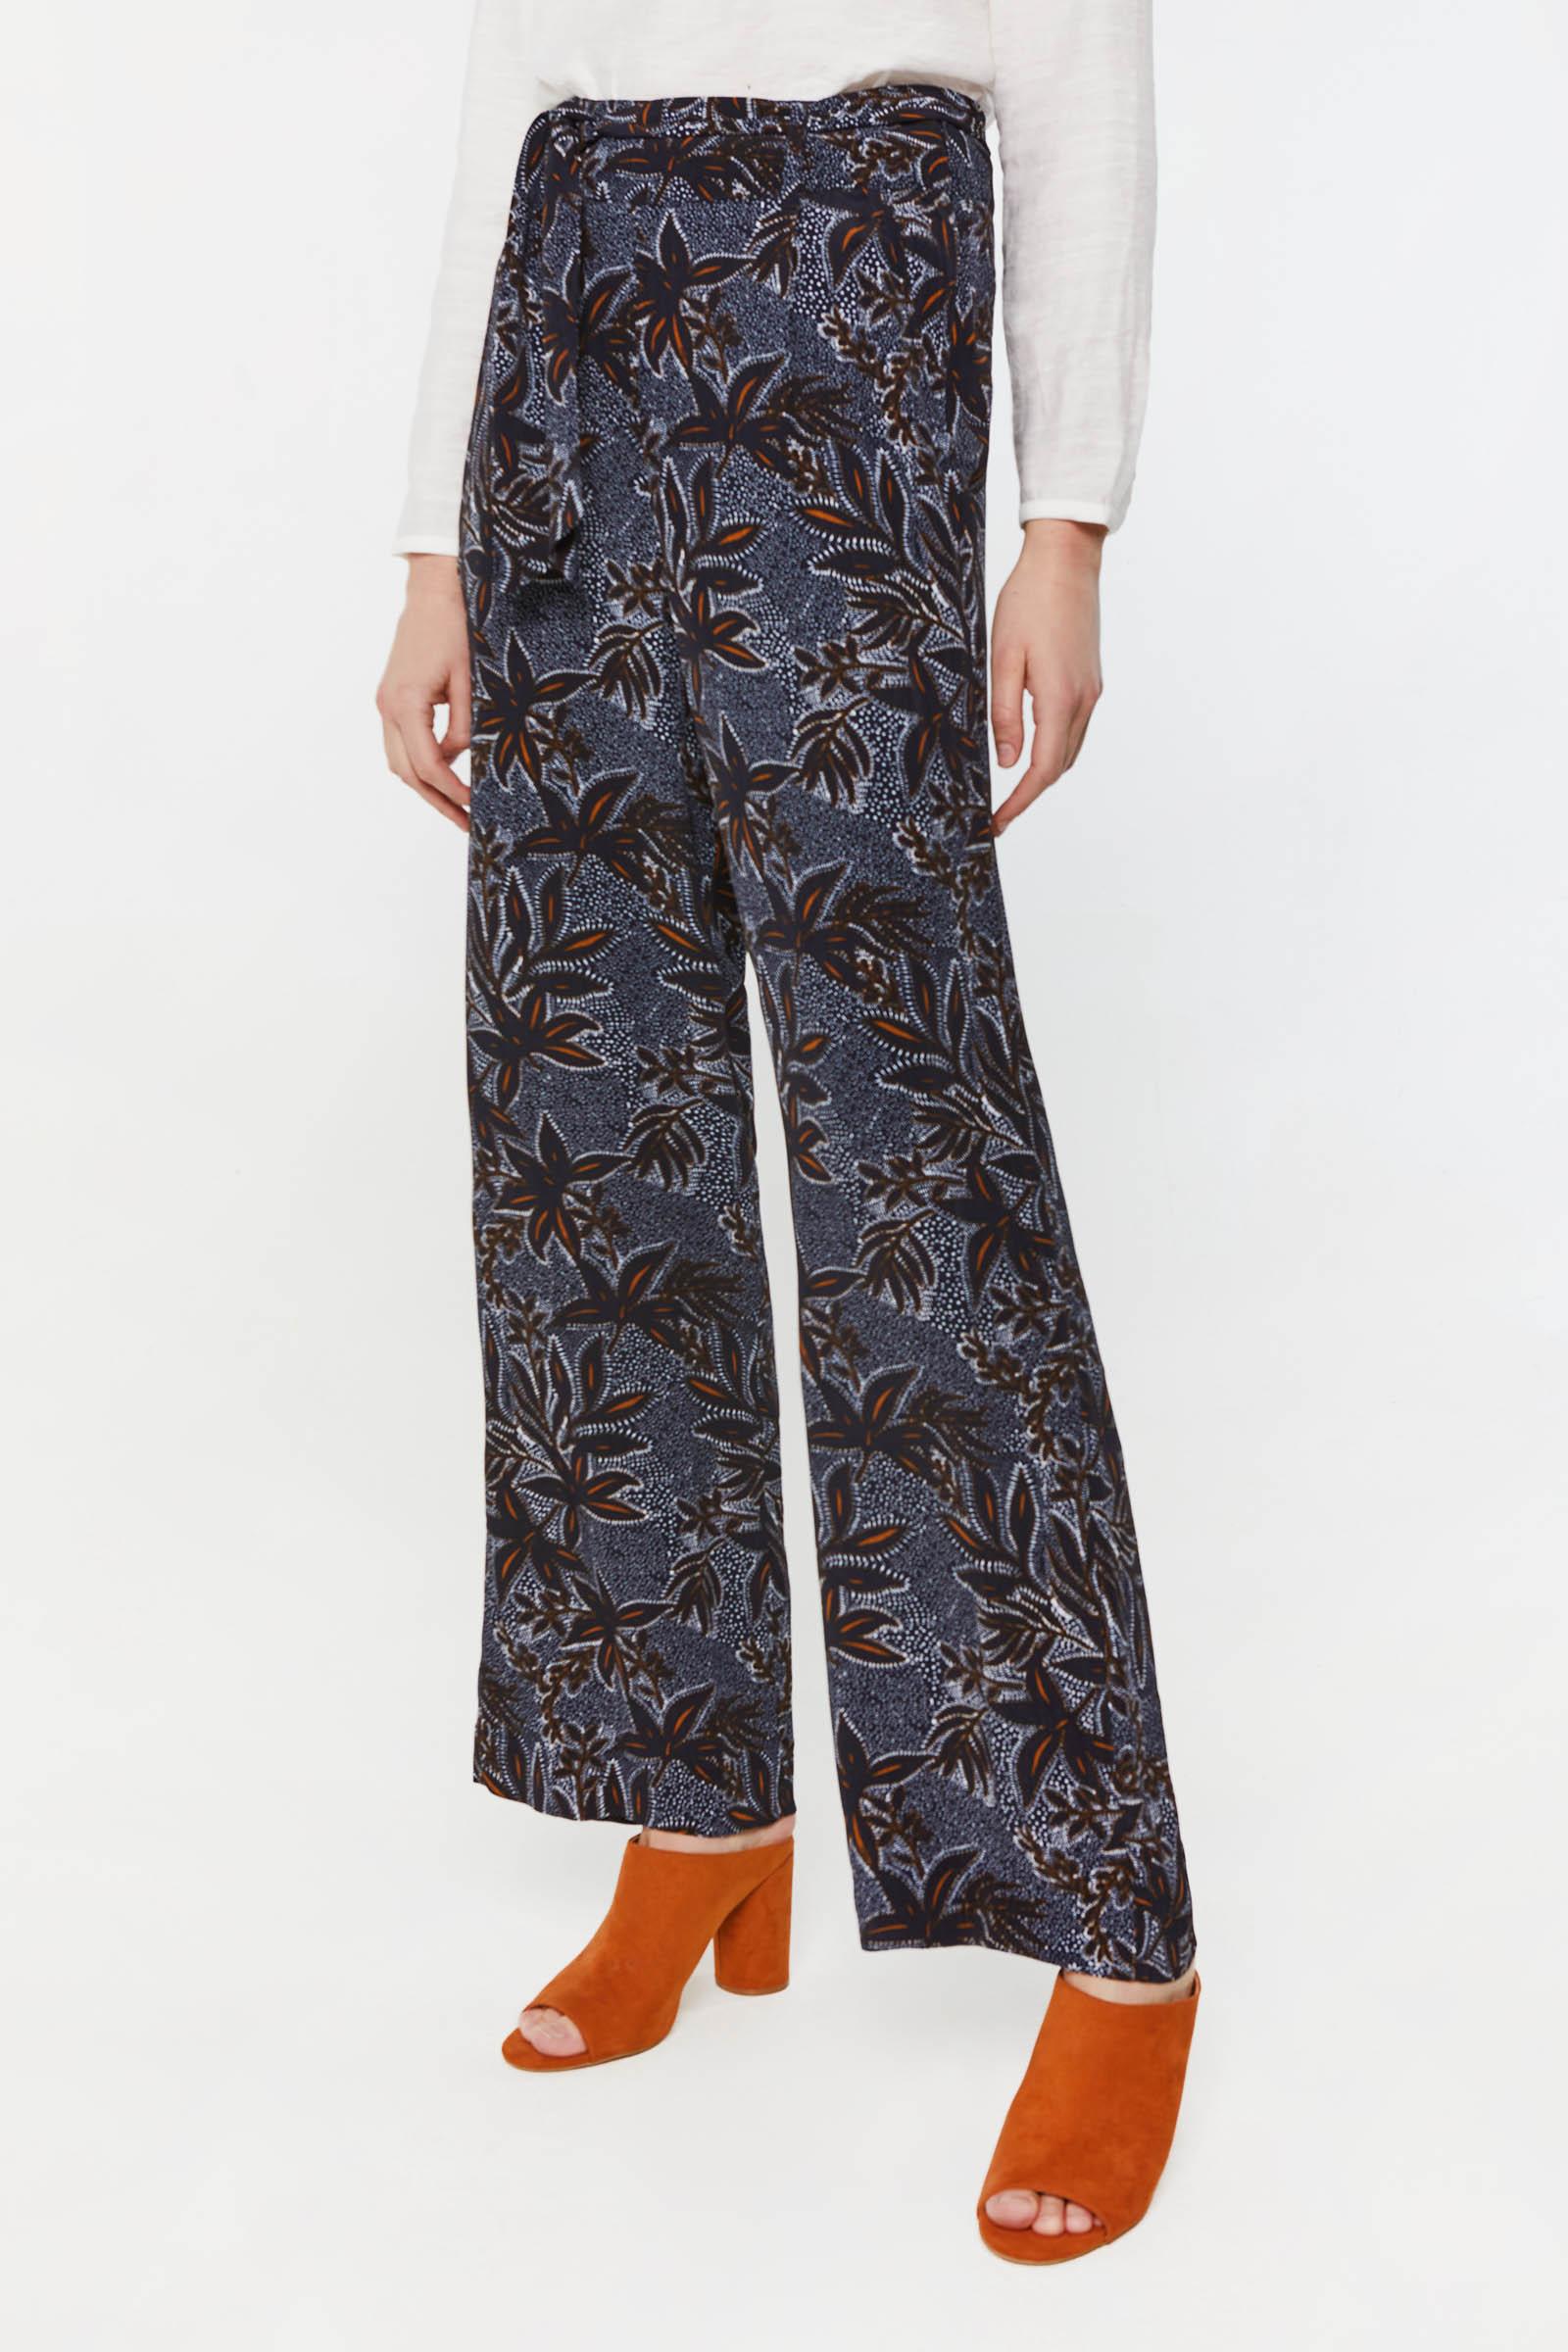 Dames high waist broek met dessin | 95149134 WE Fashion